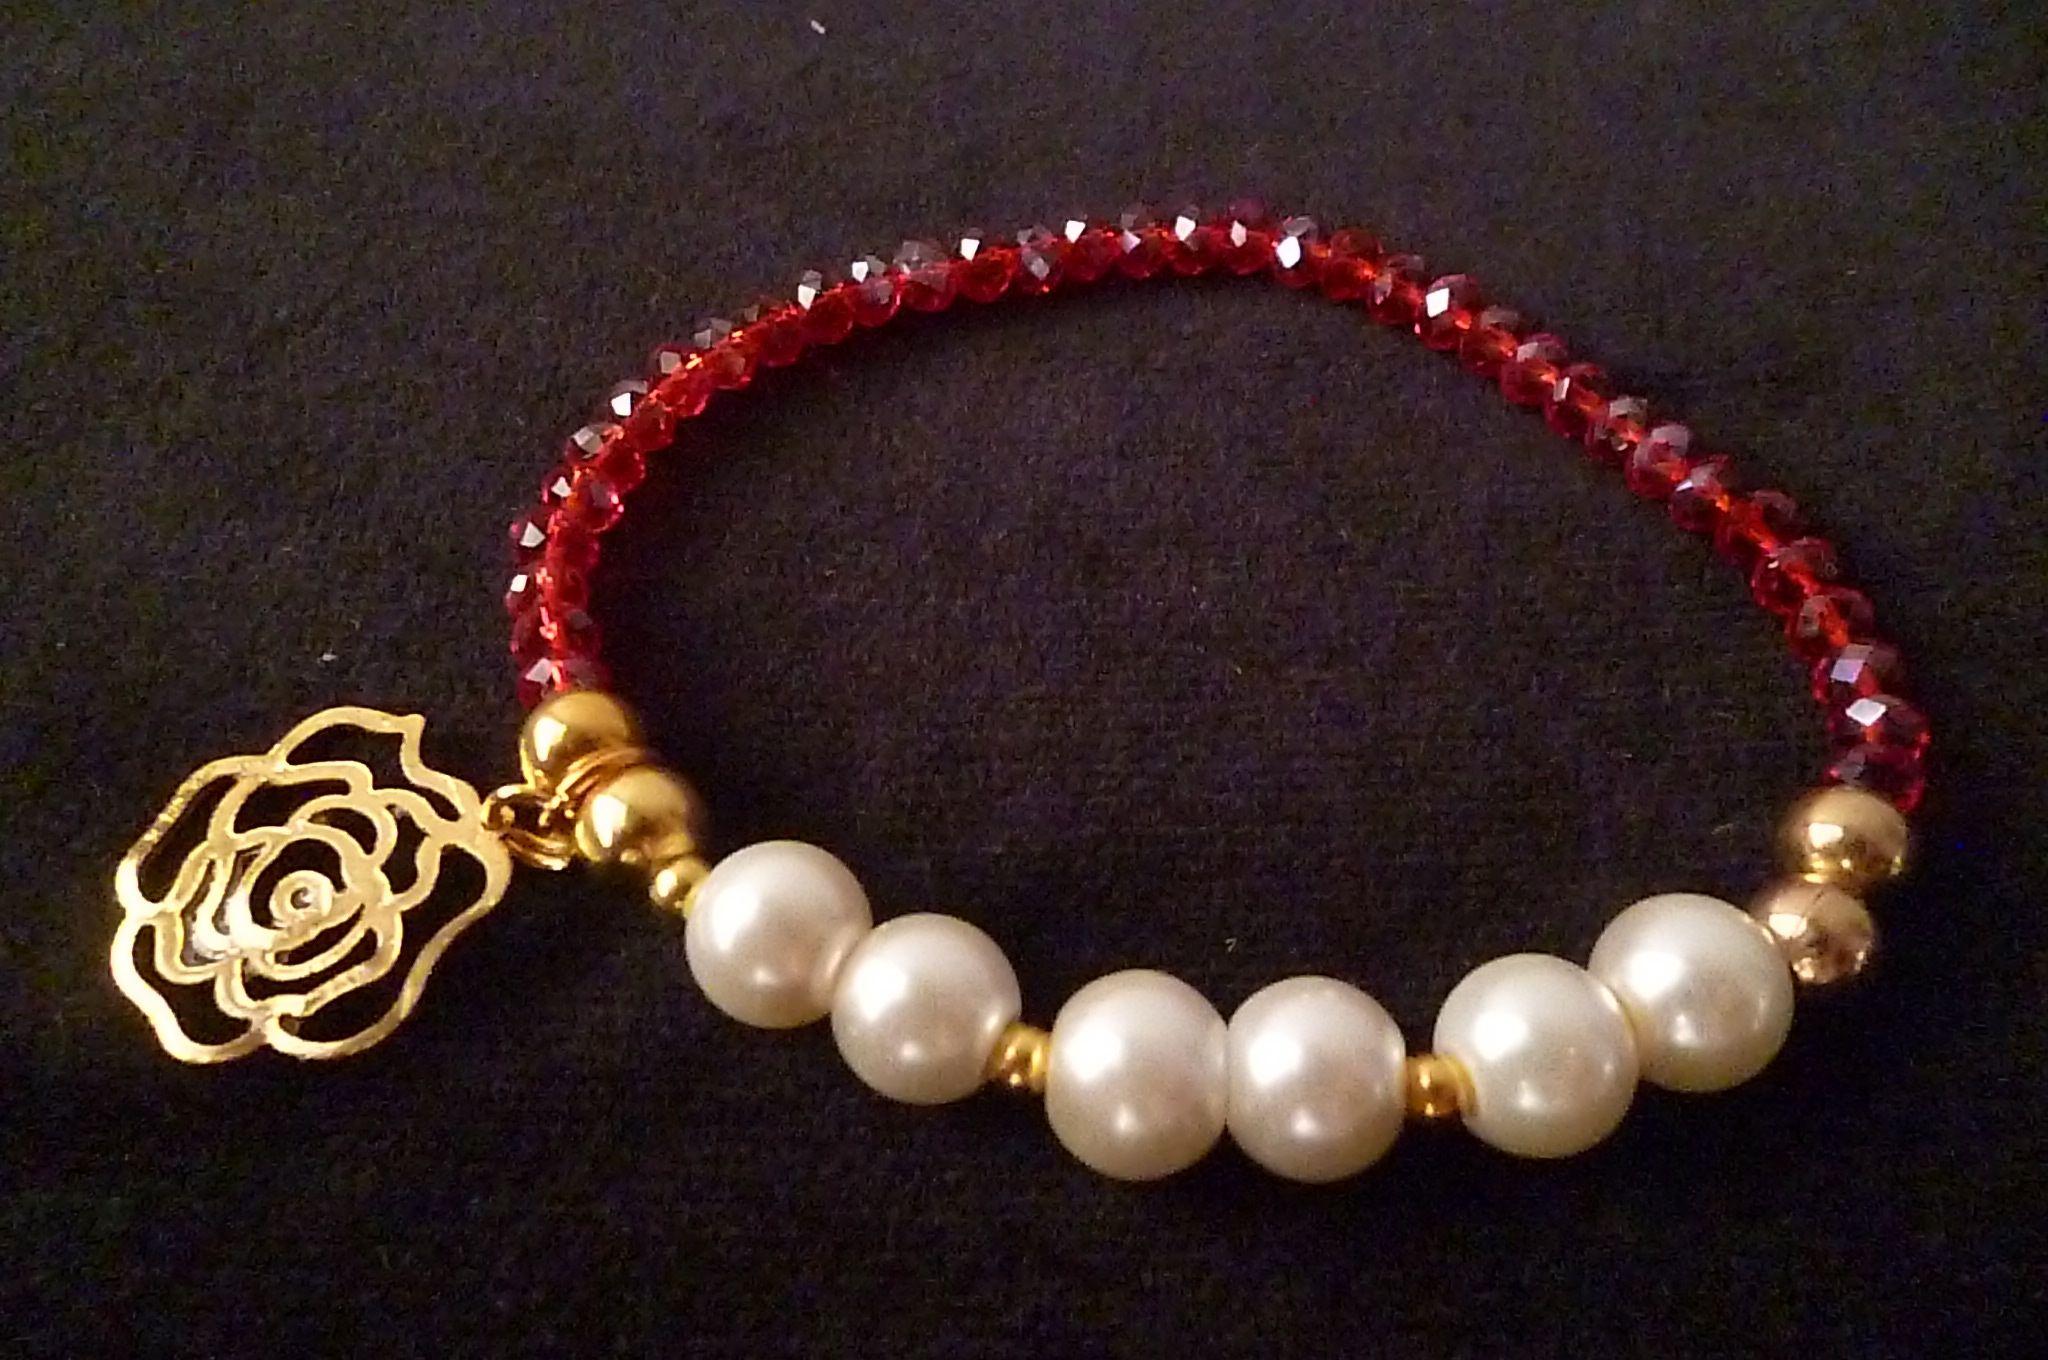 875c20418f3d Pulsera cristal facetado 3 x 4 mm color rojo y perlas dije flor  50 ...